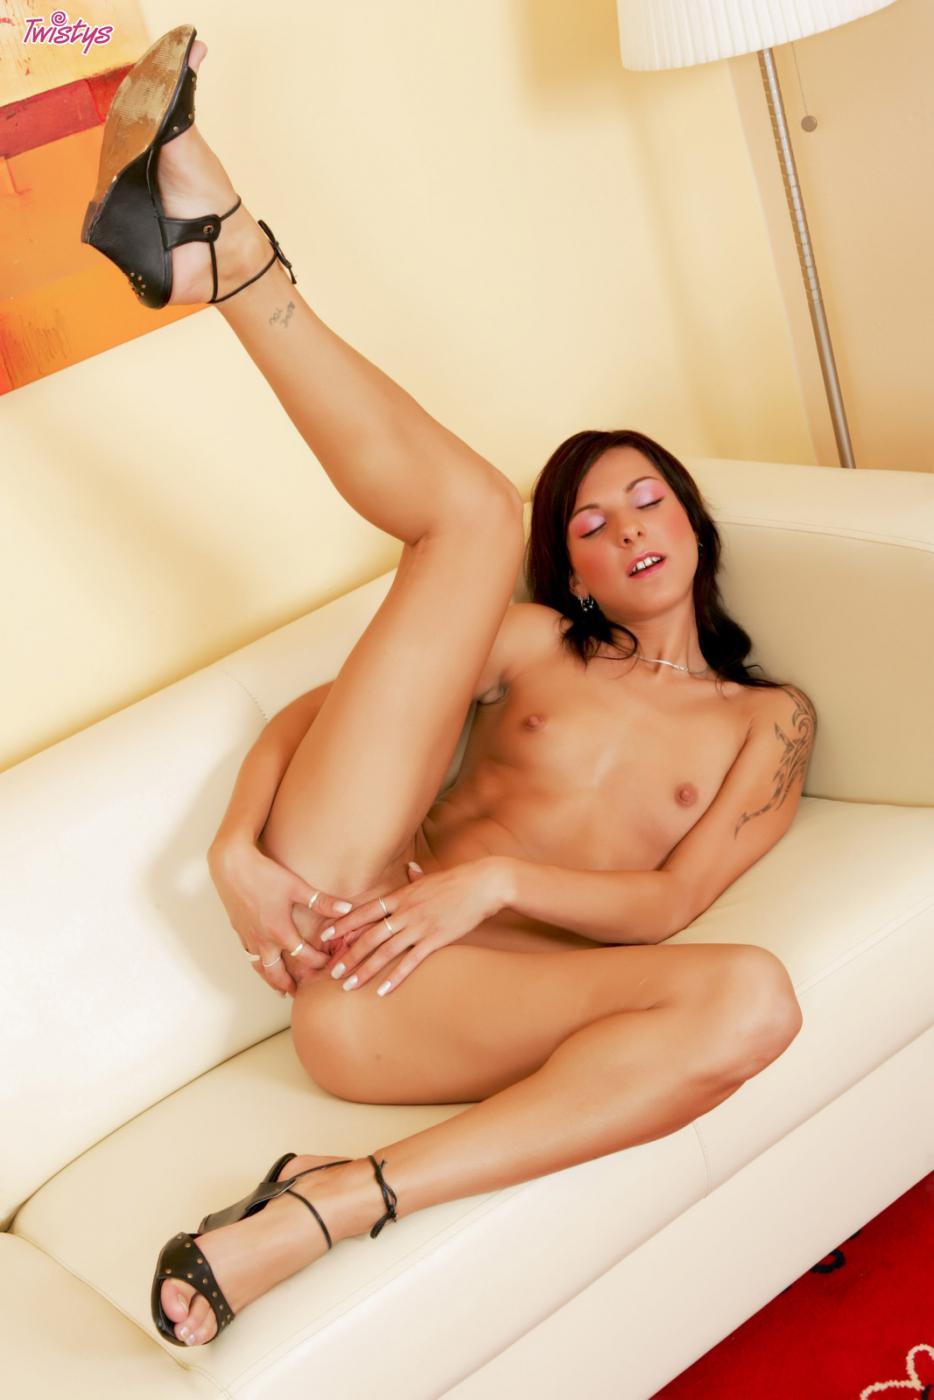 Привлекательная брюнетка Veronika H раздевается, затем удовлетворяет свою киску и попу при помощи дилдо